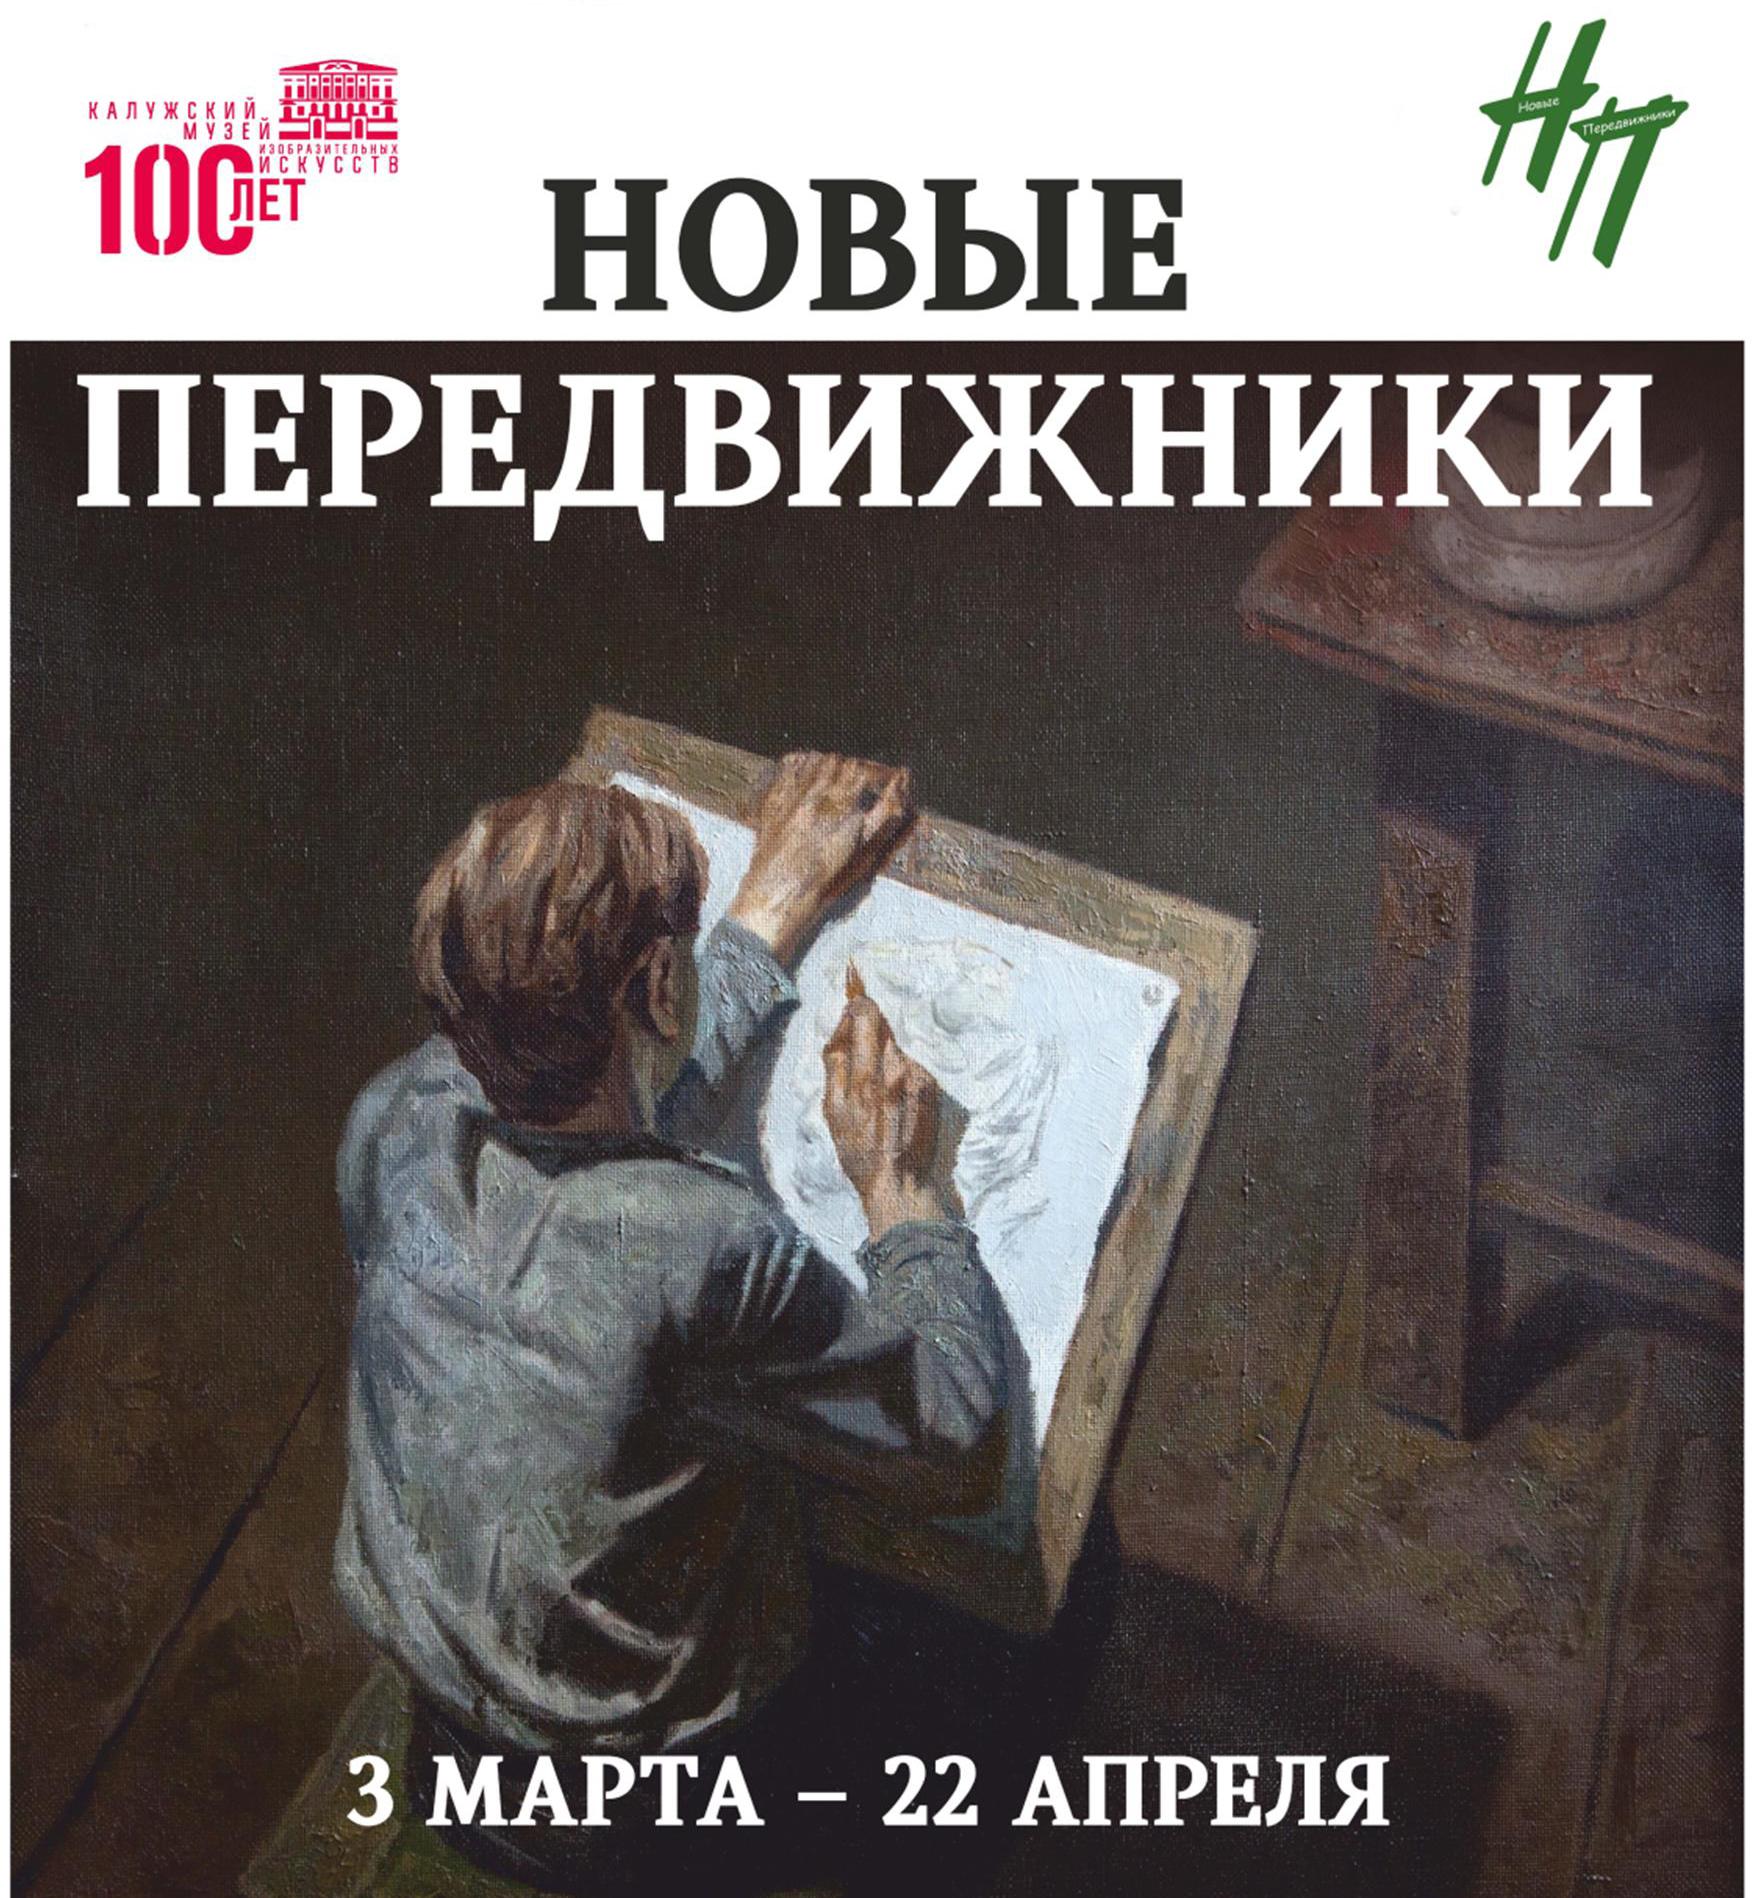 Калужский музей изобразительных искусств представил выставку «Новые передвижники»